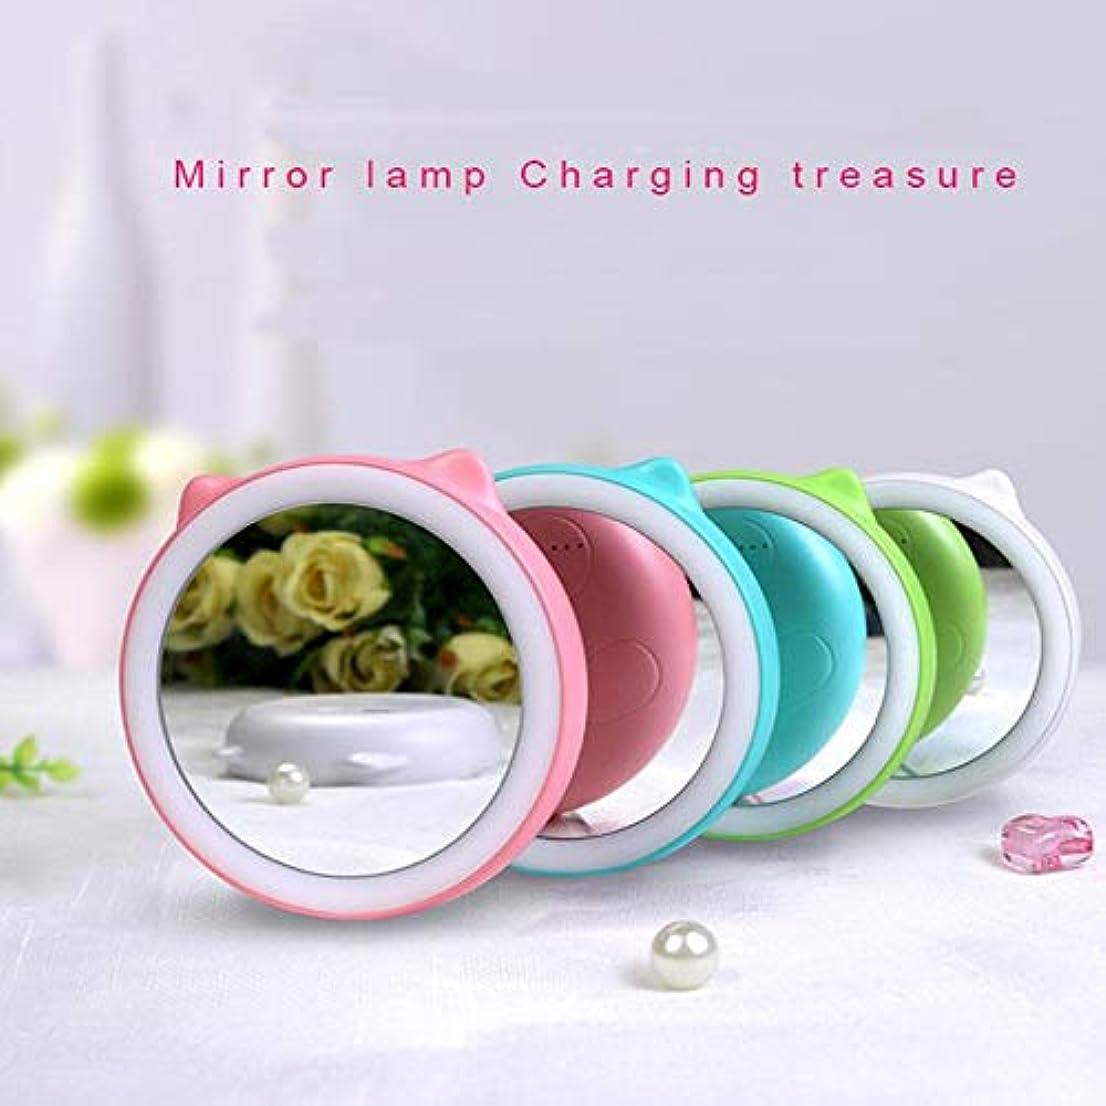 お願いしますサークルアクティビティ流行の ポータブルLED化粧鏡充電宝物充填光鏡多機能タイミングデザイン美容鏡化粧鏡4ブルーグリーンピンクホワイト直径9センチ厚さ2センチ (色 : Pink)